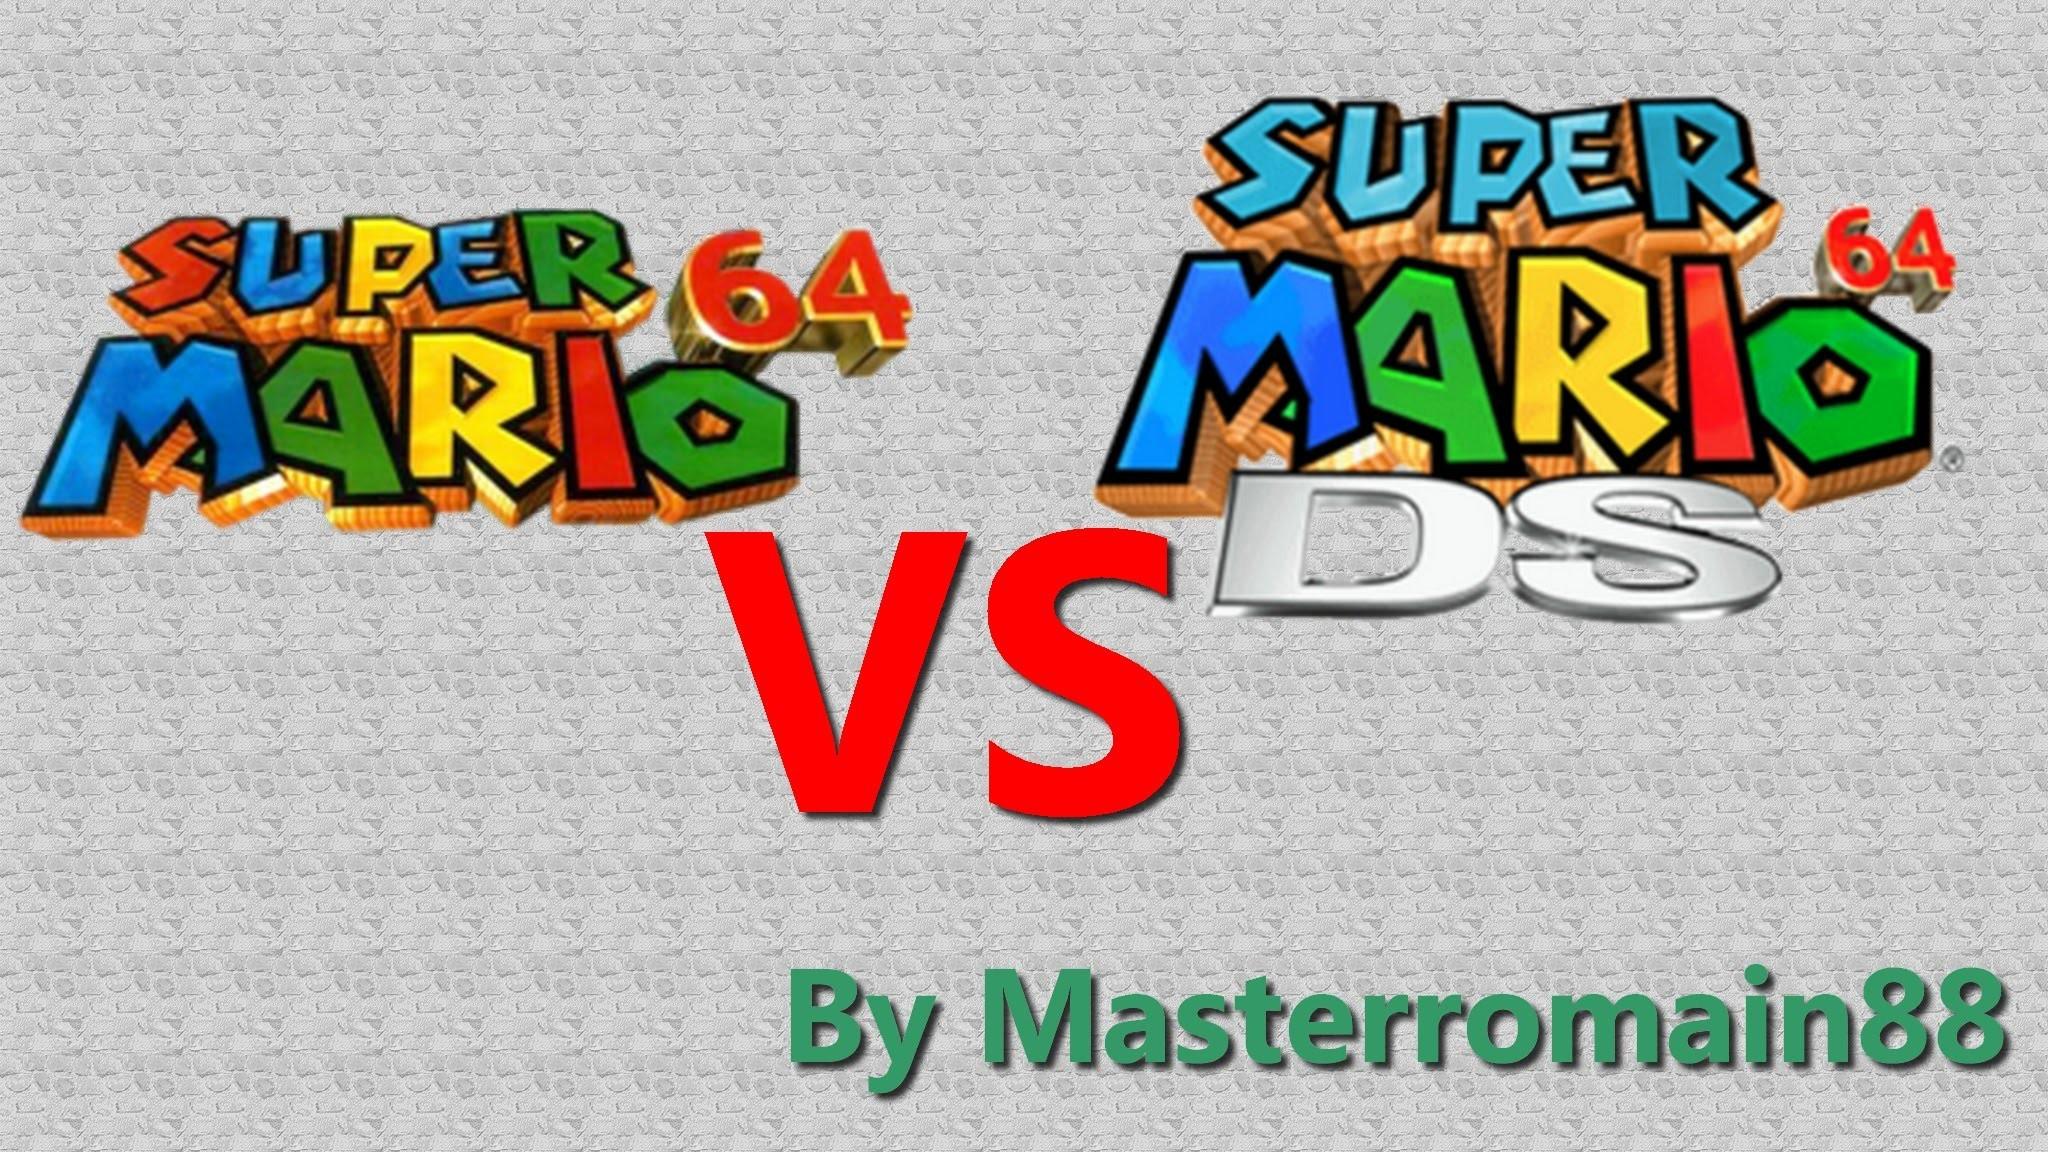 Supermario64 DS VS Super mario 64 N64